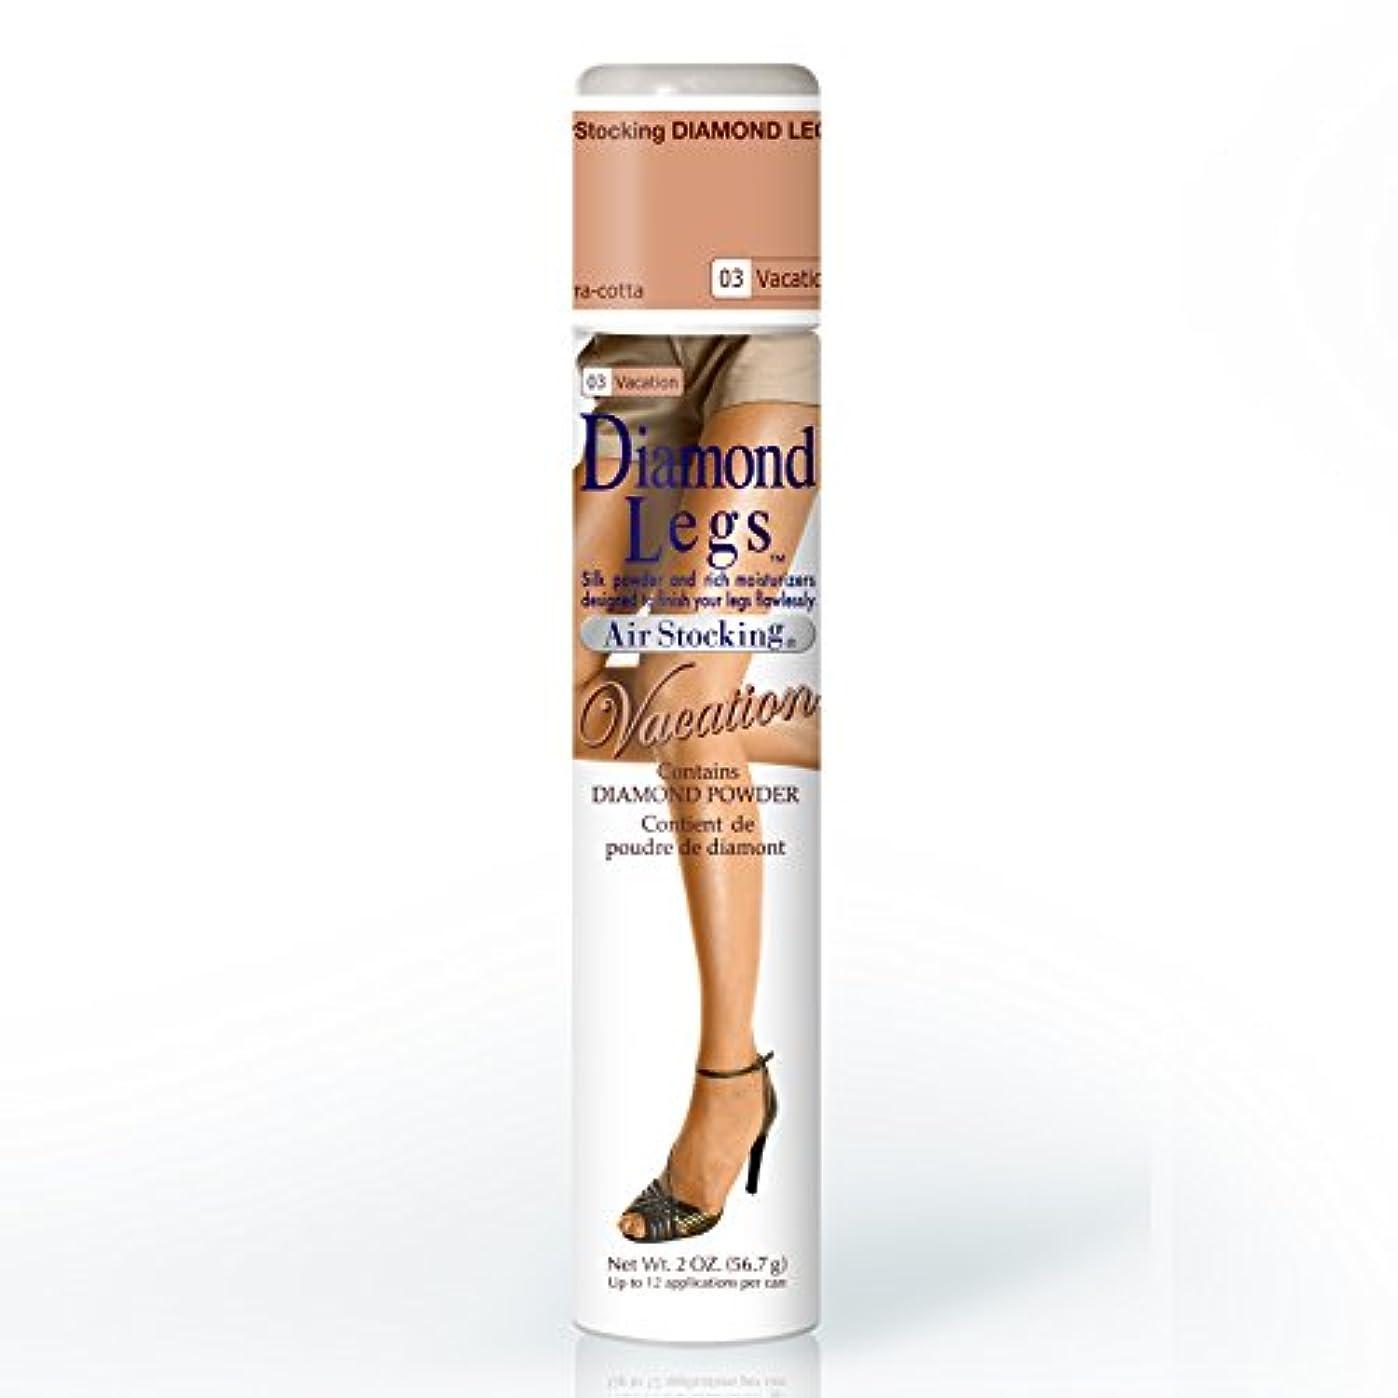 特徴づけるええハウスAirStocking Diamond Legs エアーストッキング ダイヤモンドレッグス DL 120g / QT 56.7g (56.7g, Vacation)